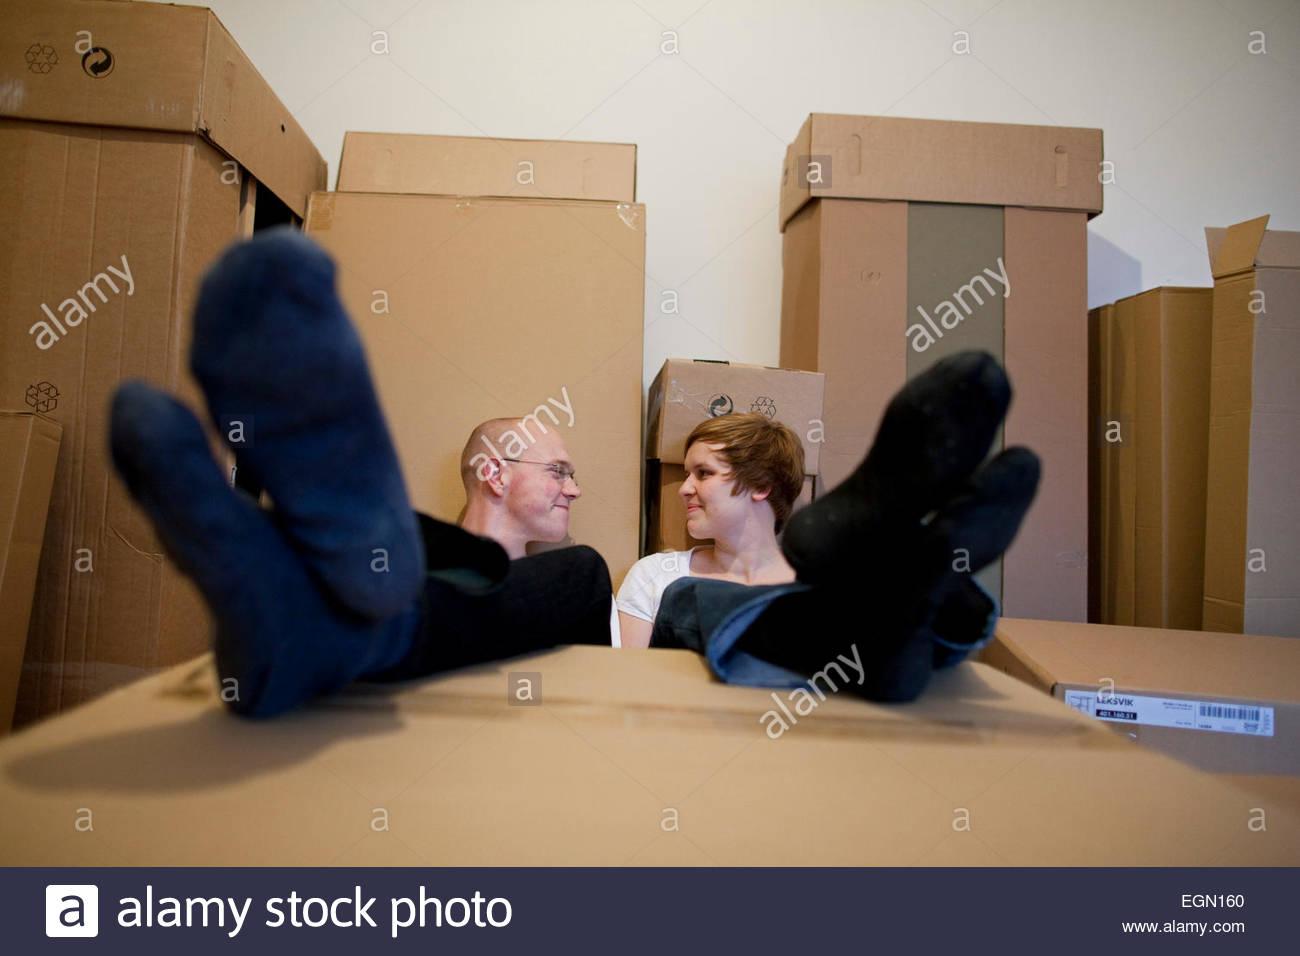 Jeune couple prendre du repos tout en se déplaçant dans la nouvelle maison, Berlin, Allemagne Banque D'Images